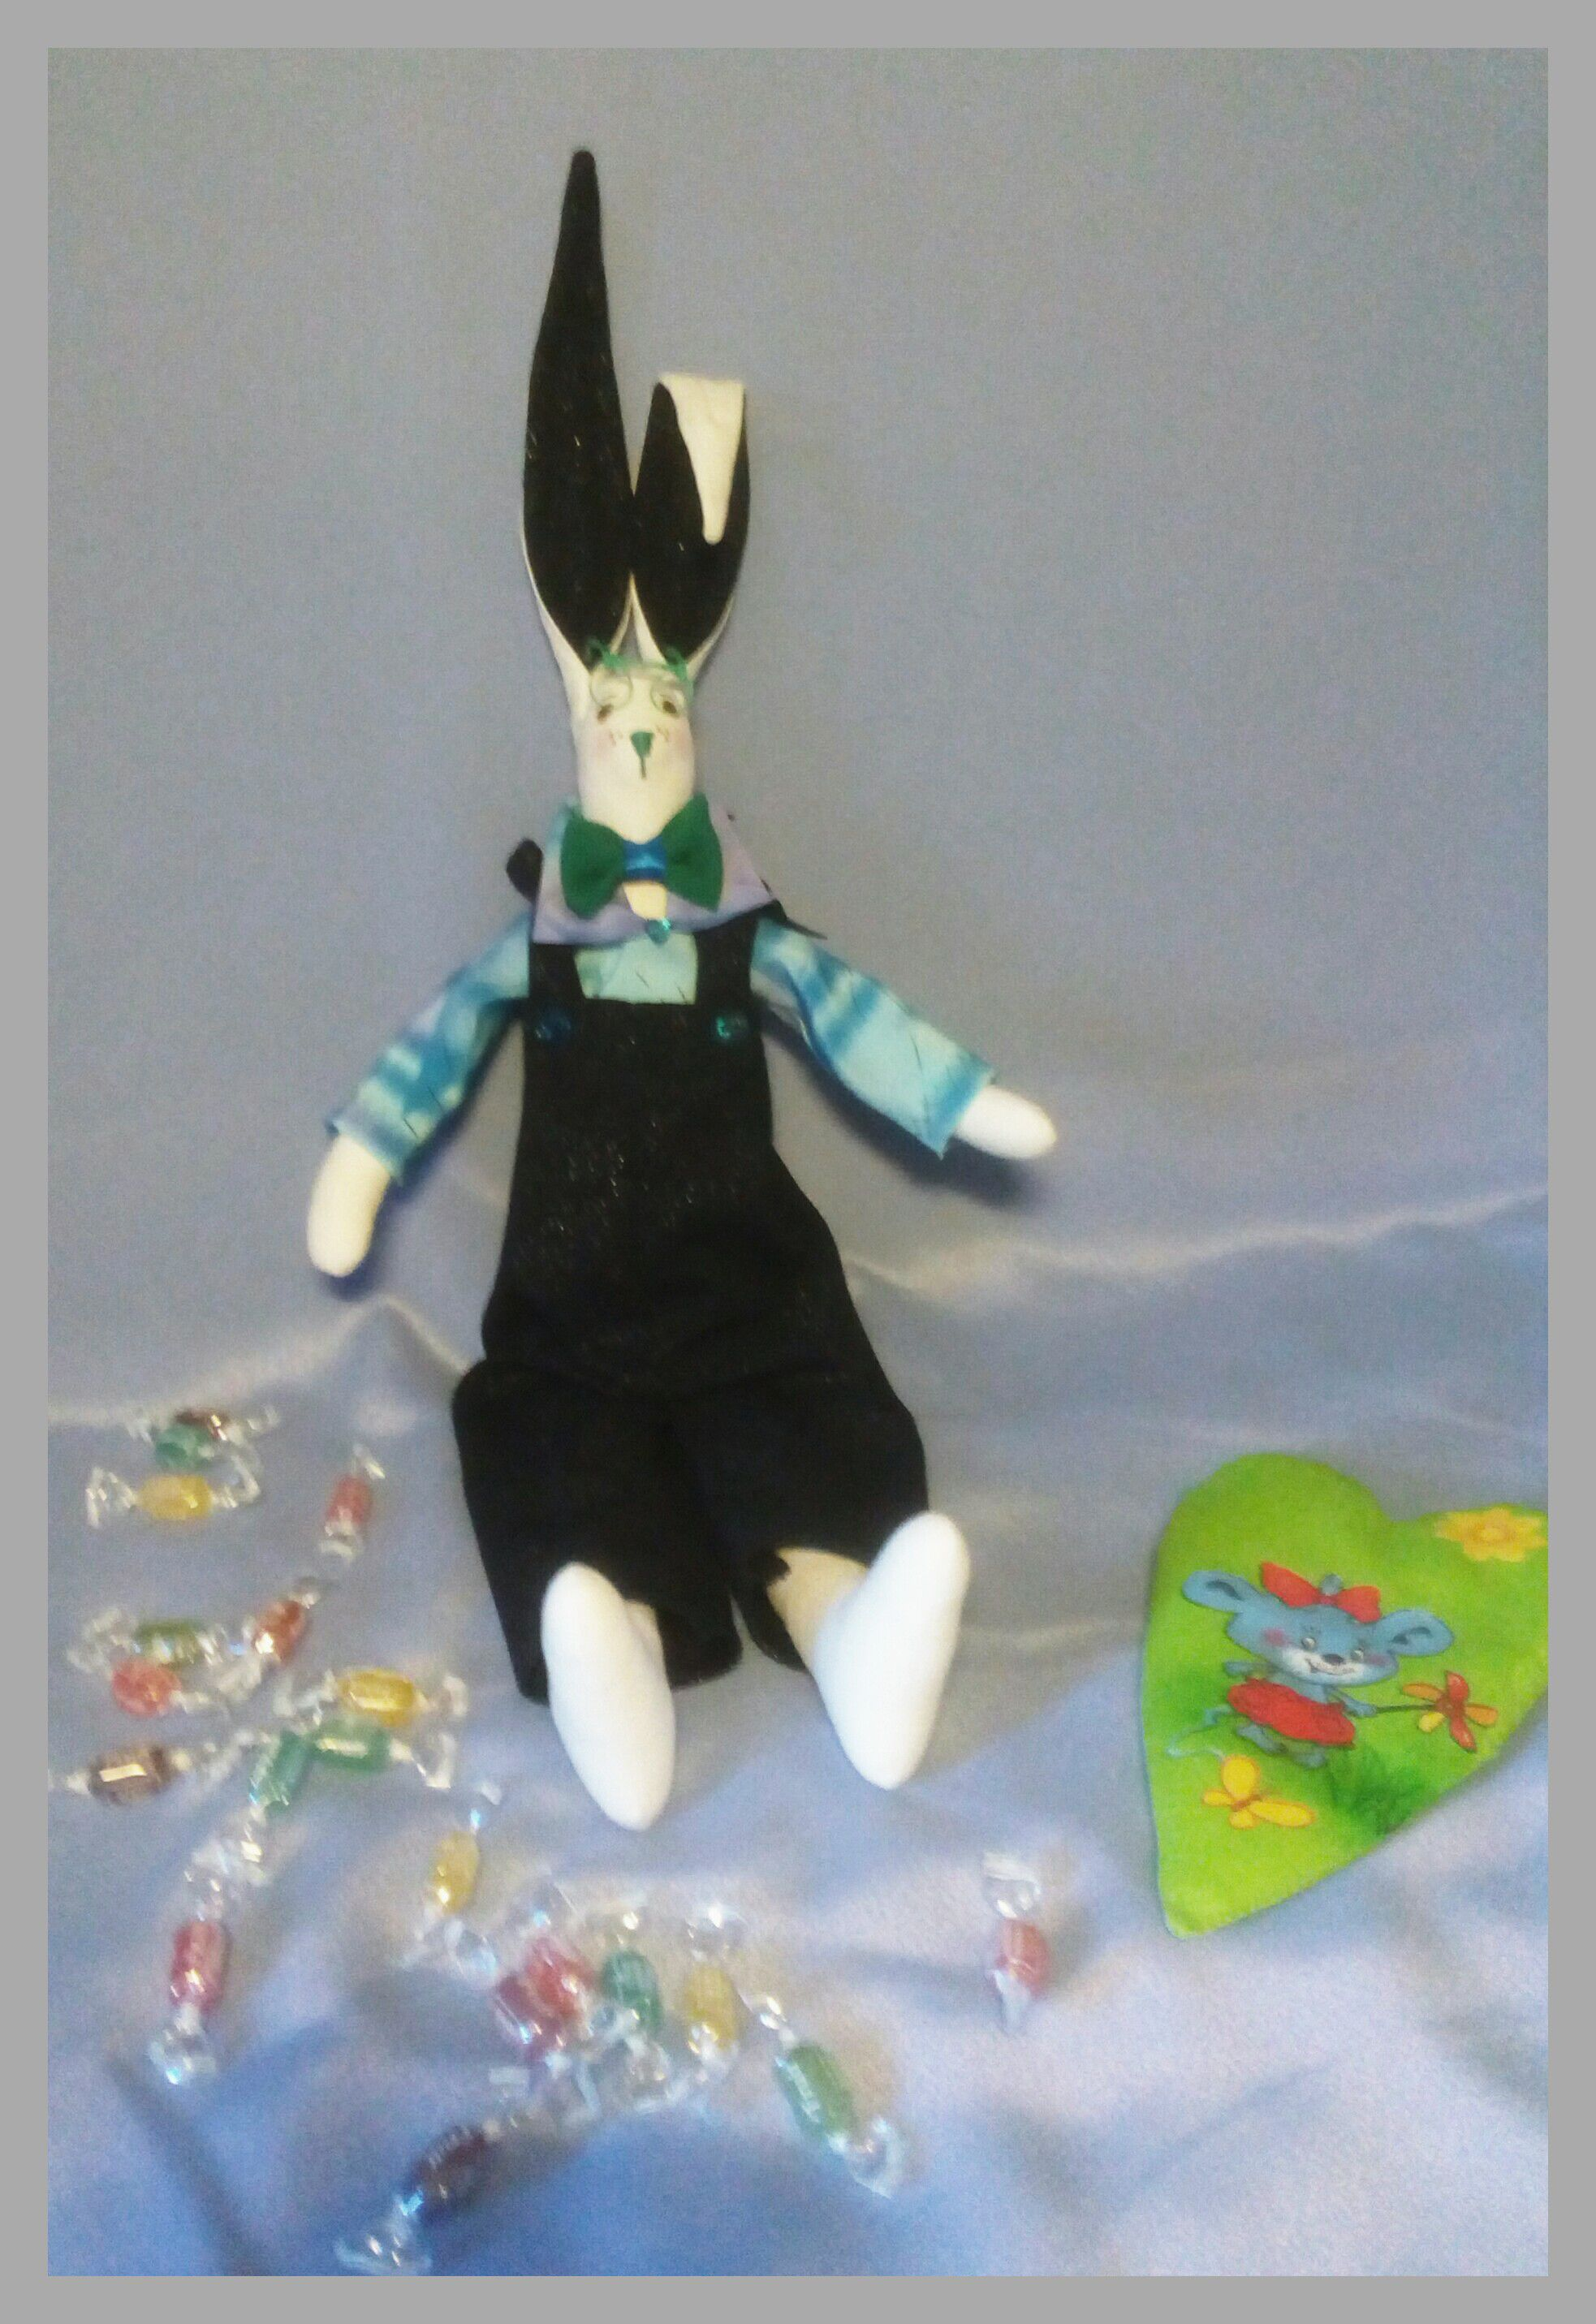 интерьерная игрушка кукла многозаек подарок рукоделие